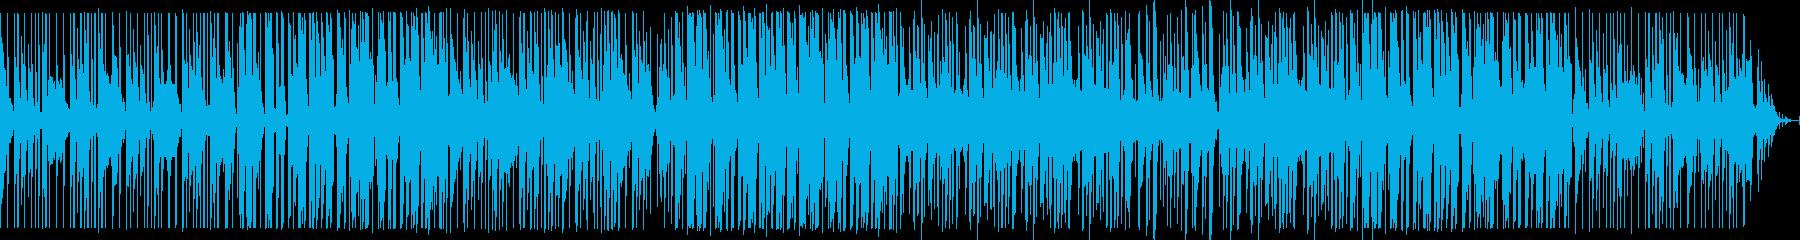 テクノ 日常 少しコミカルで軽めのビートの再生済みの波形